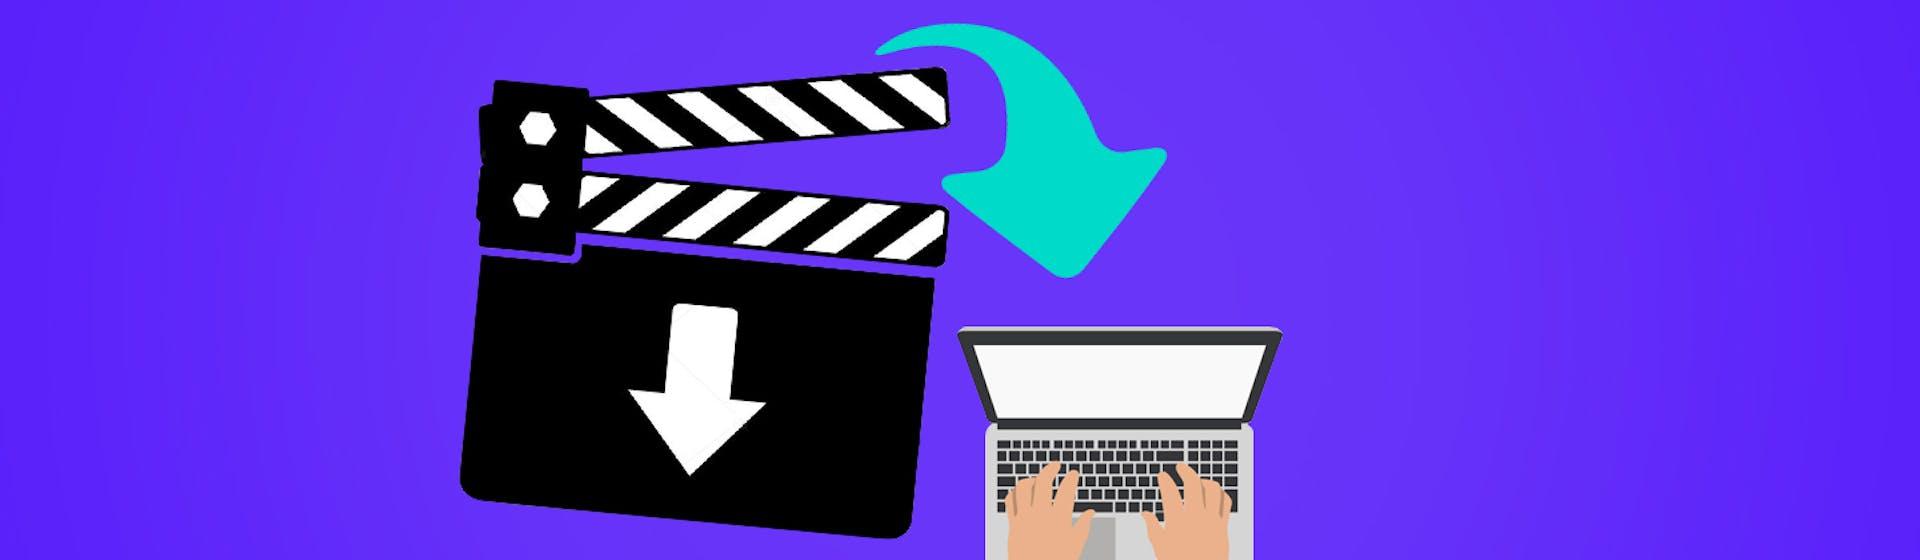 Averigua cómo descargar videos de páginas web y utilízalos en tus proyectos